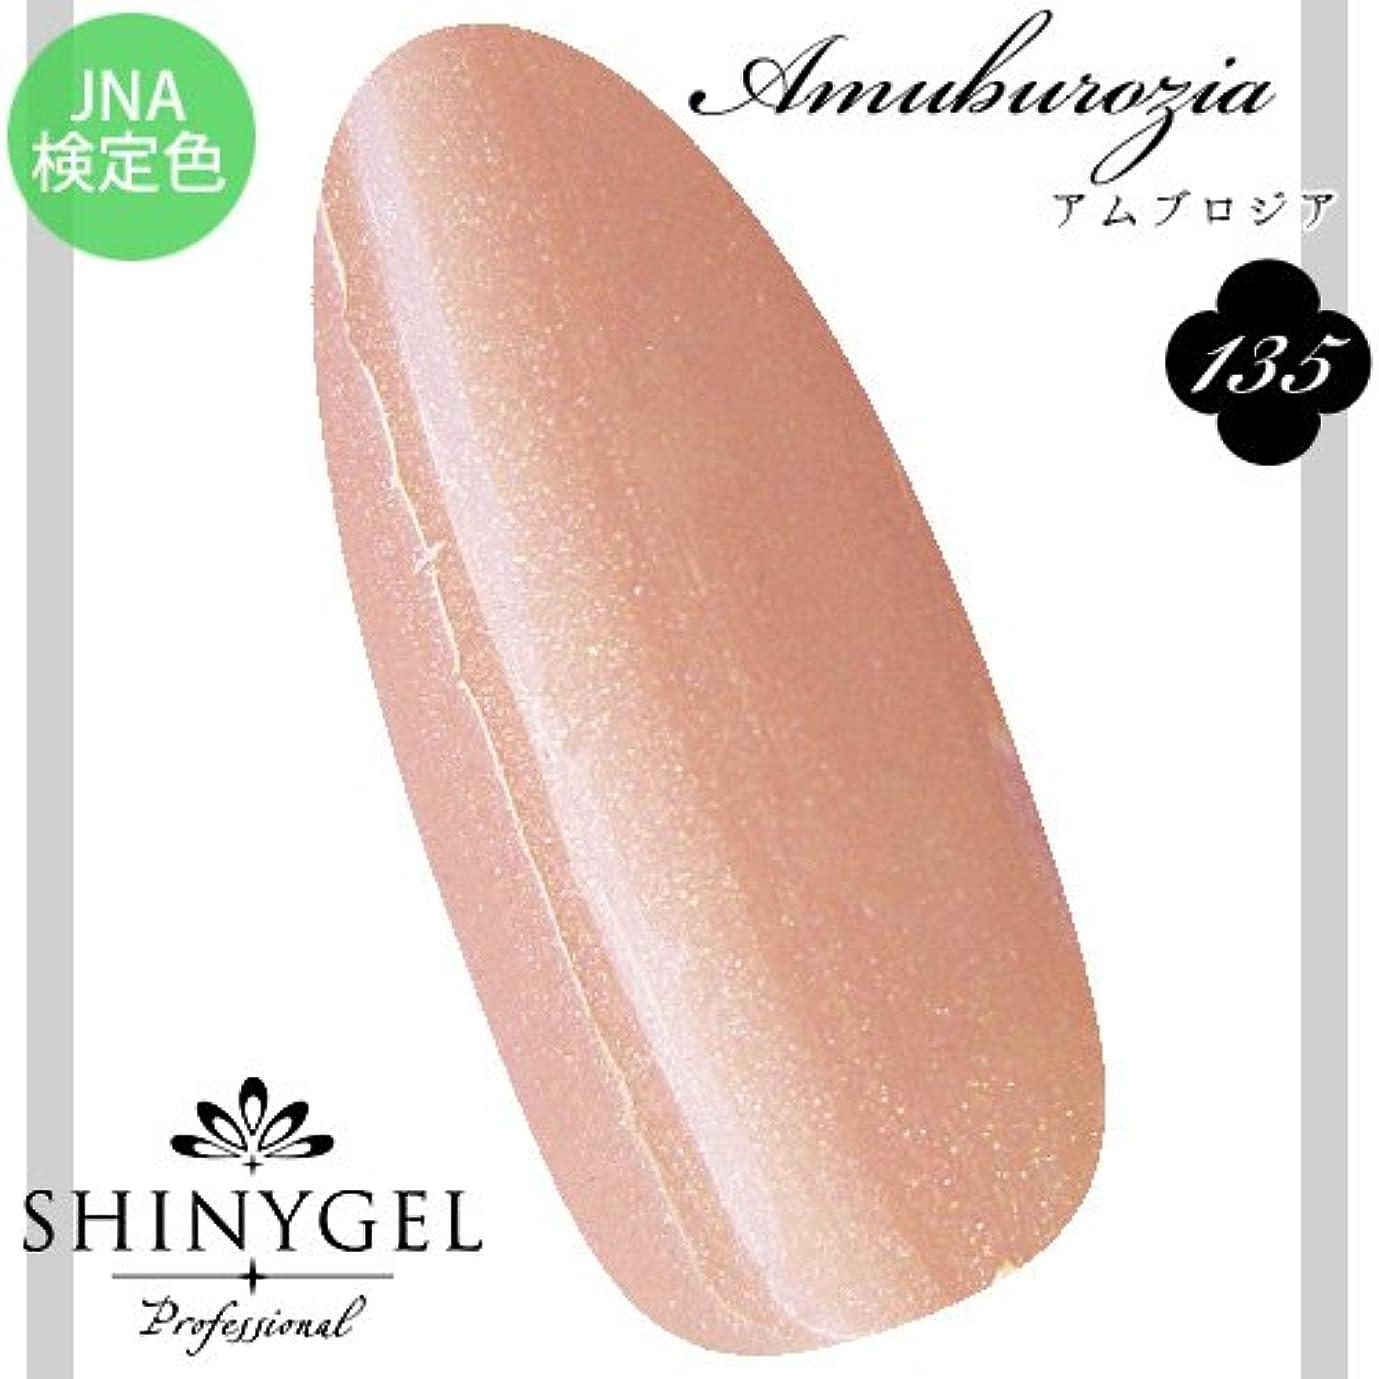 スロープお客様なかなかSHINY GEL カラージェル 135 4g アムブロジア UV/LED対応 JNA検定色